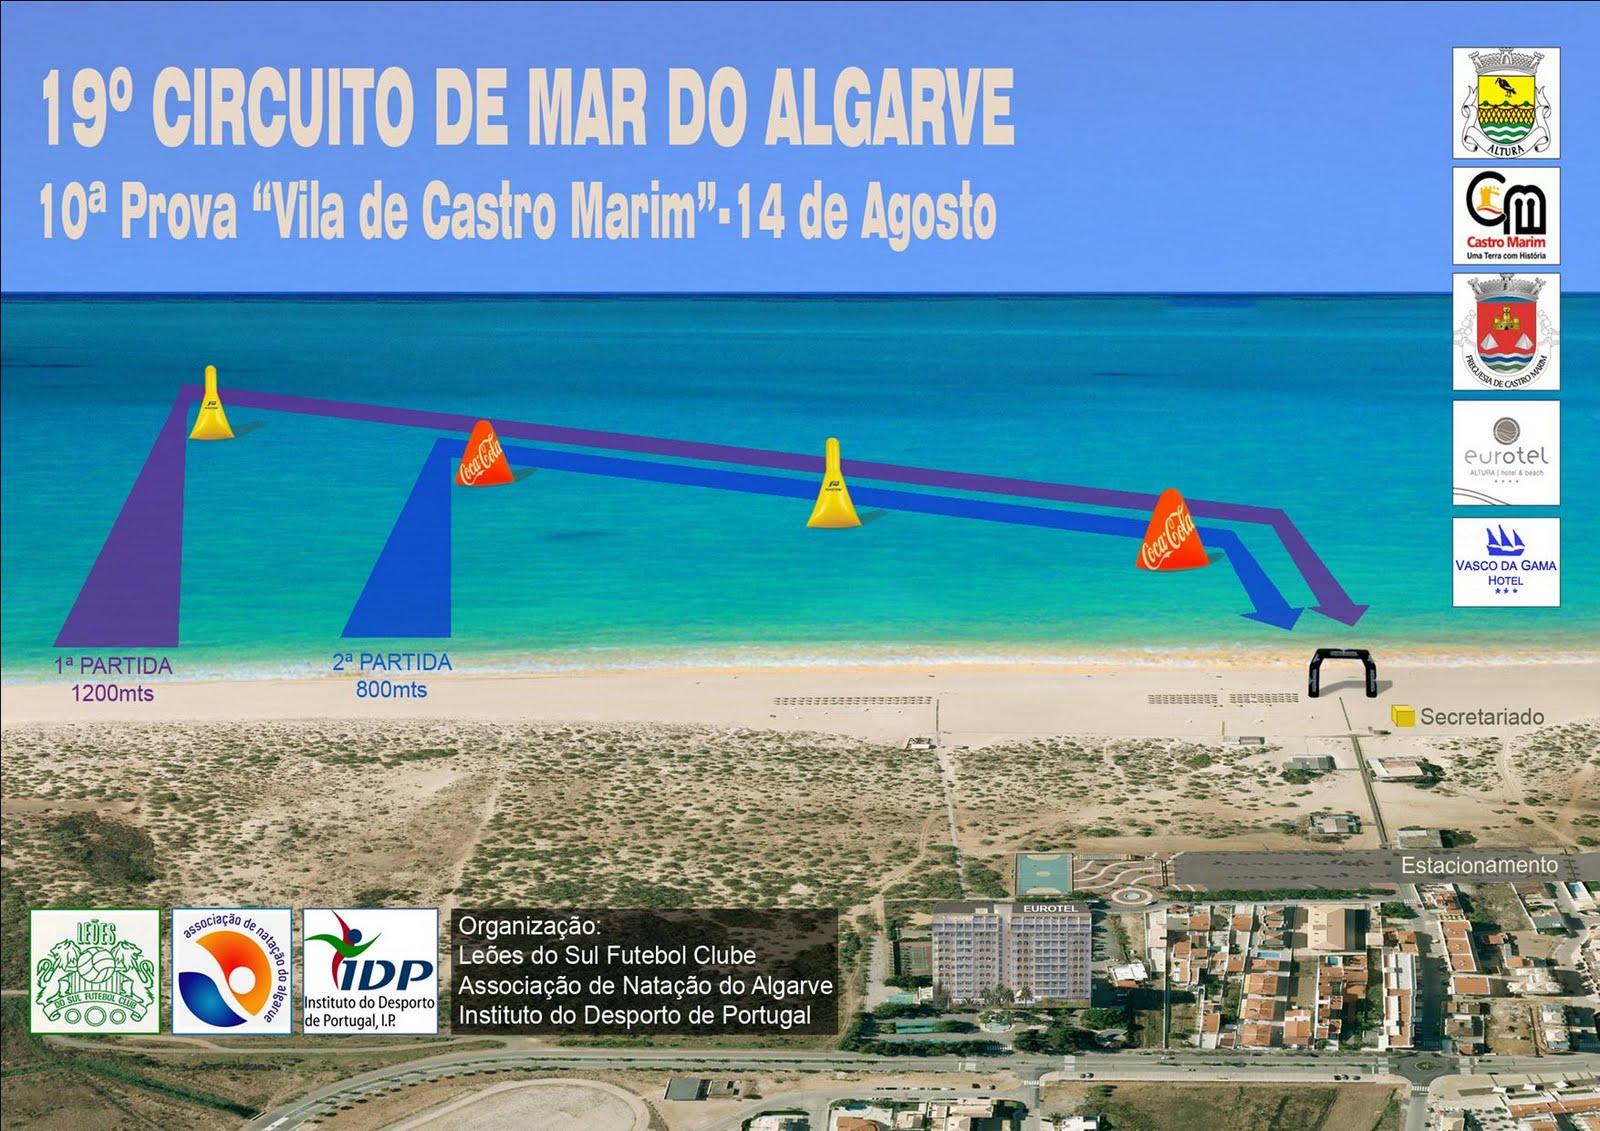 Circuito Algarve : Central fotovoltaica do autódromo do algarve inaugurada esta sexta